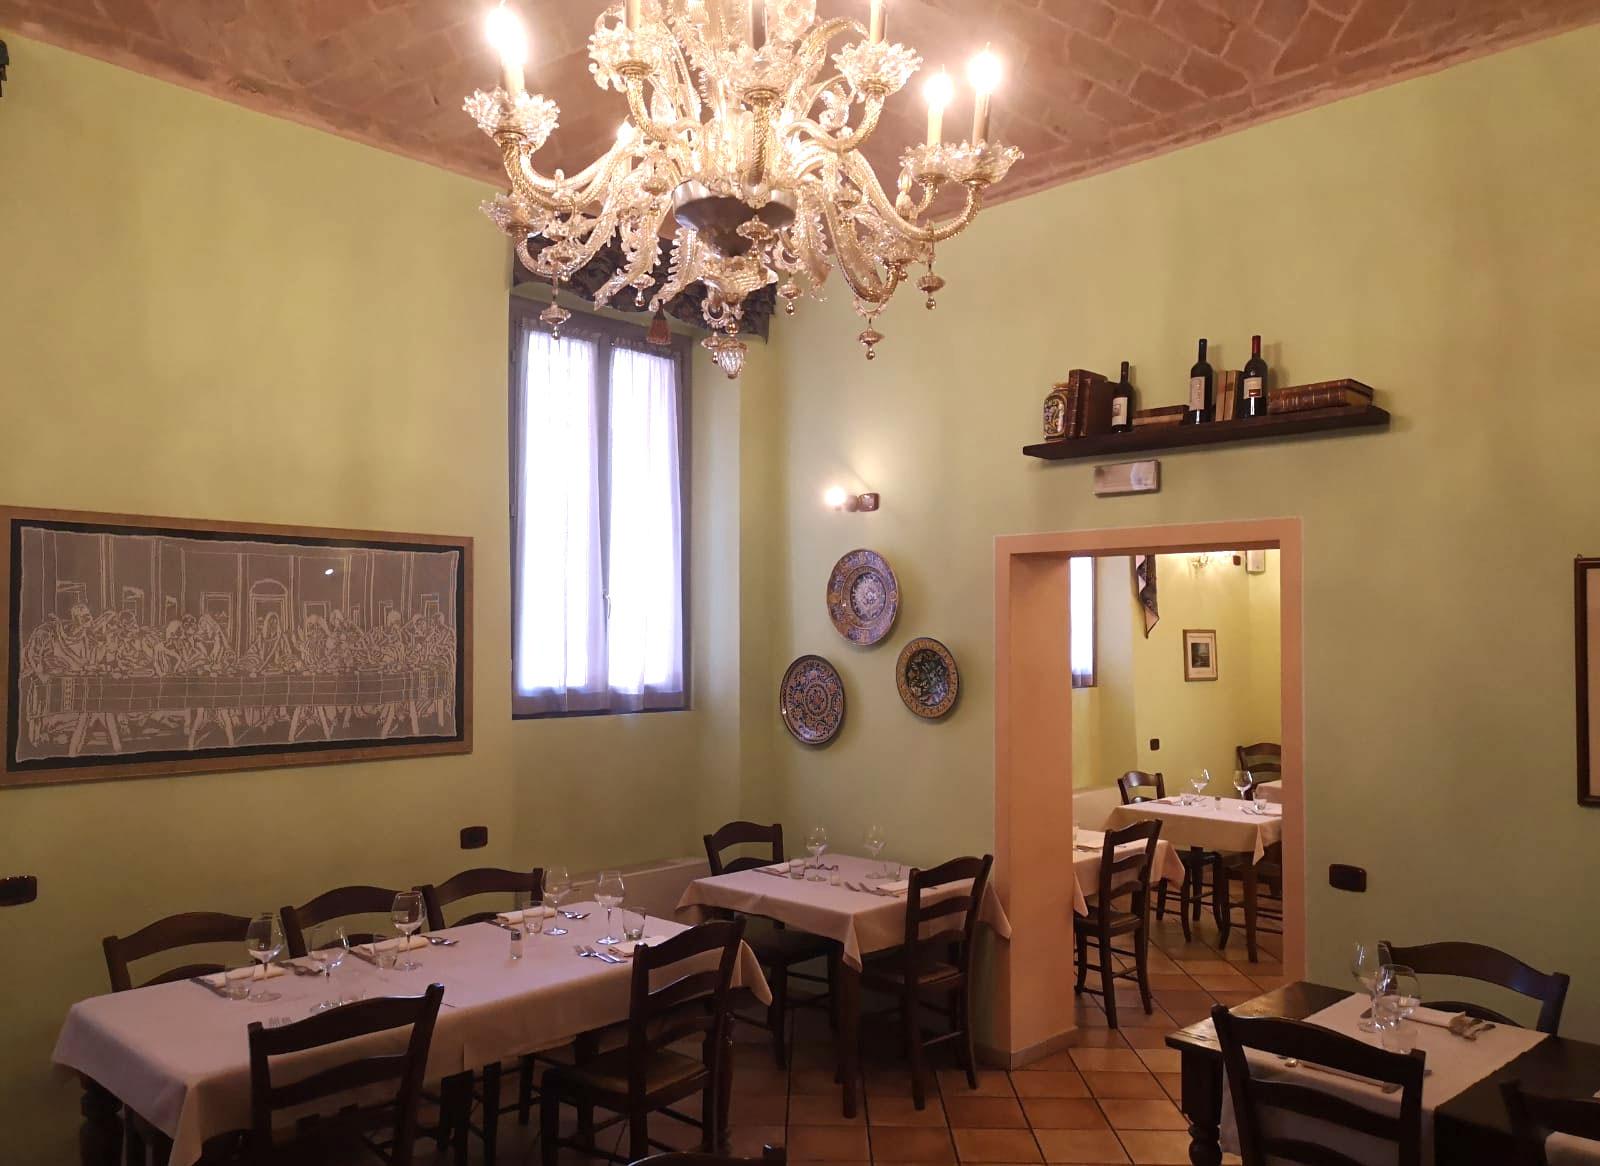 Ristorante Parma Fontanellato - Trattoria Parma Fontanellato